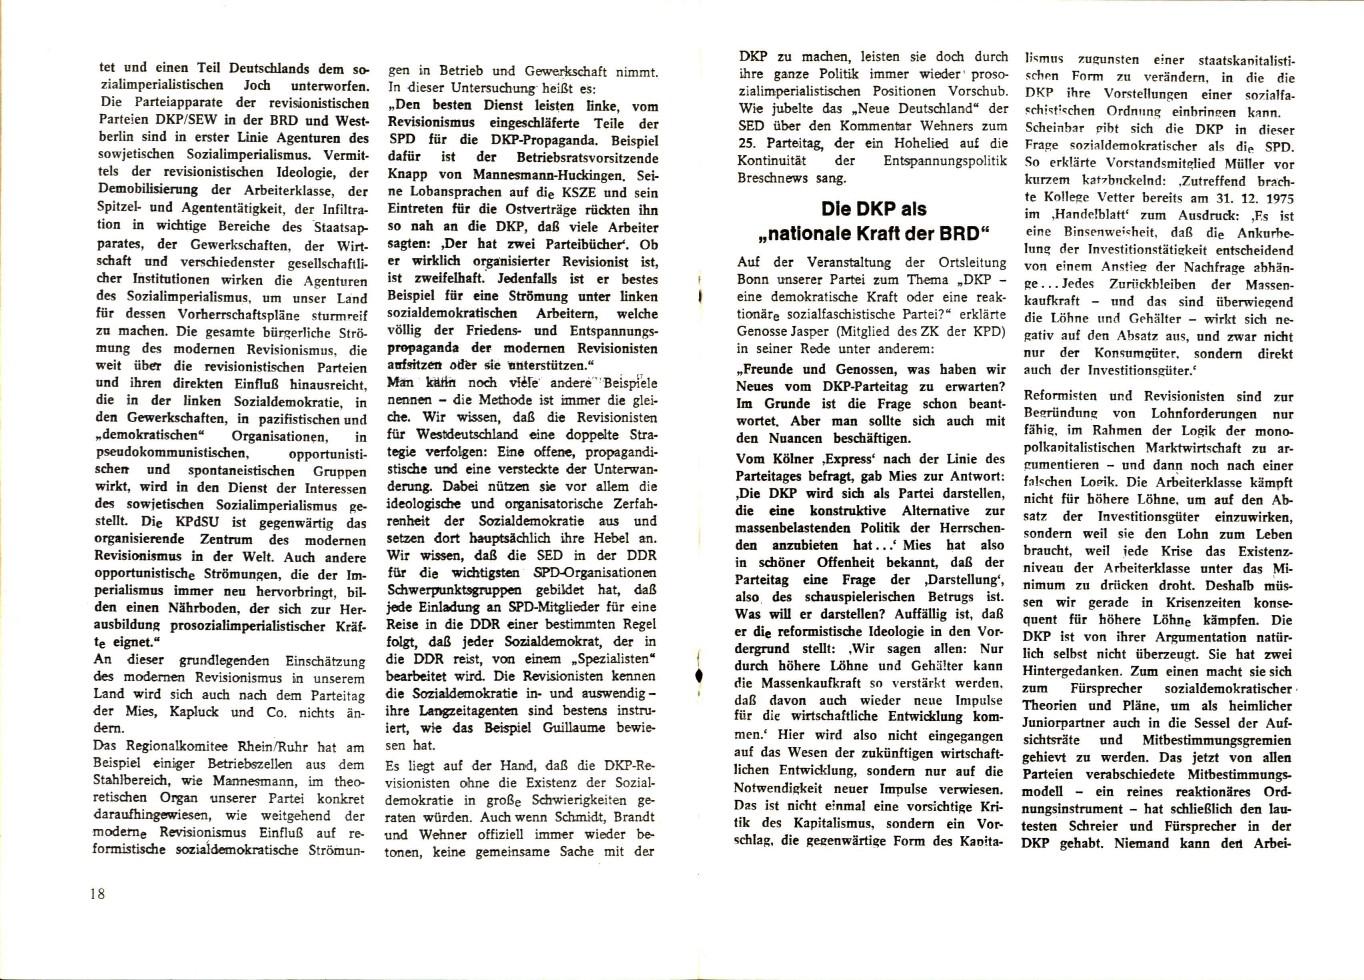 KPDAO_1976_Artikel_DKP_Breschnew_11